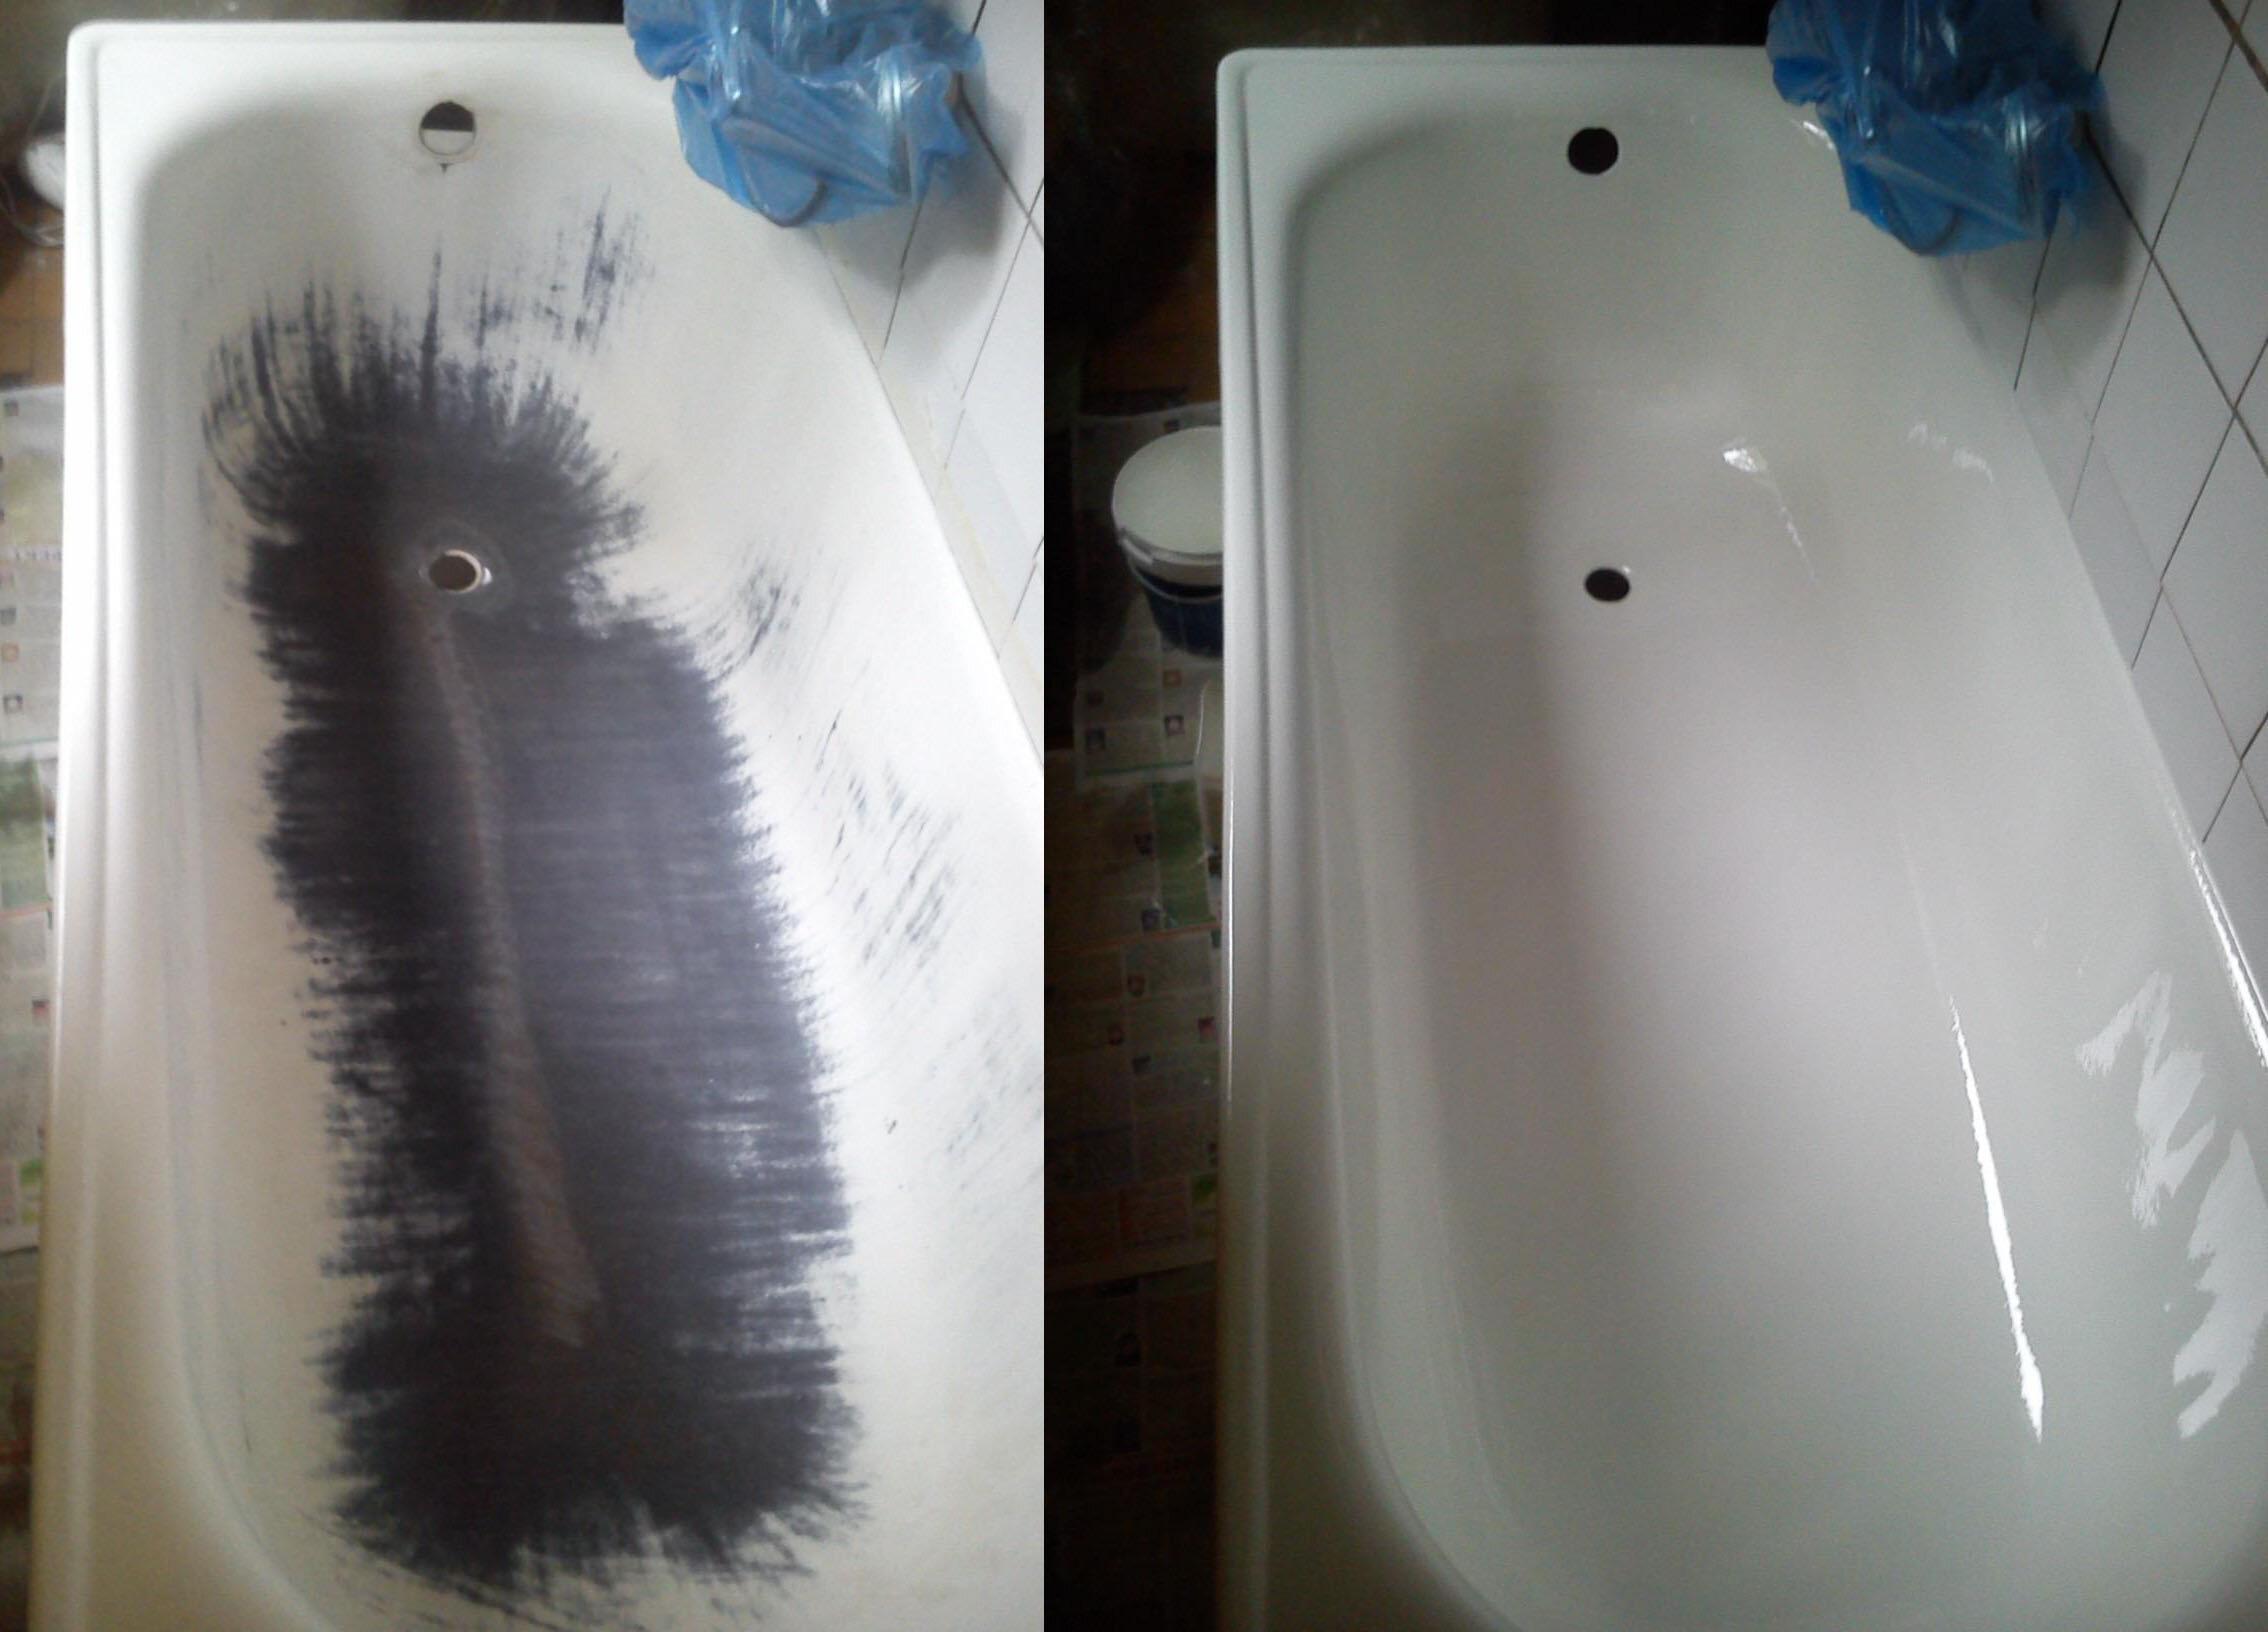 Лучшие способы восстановления эмали ванны без привлечения специалистов